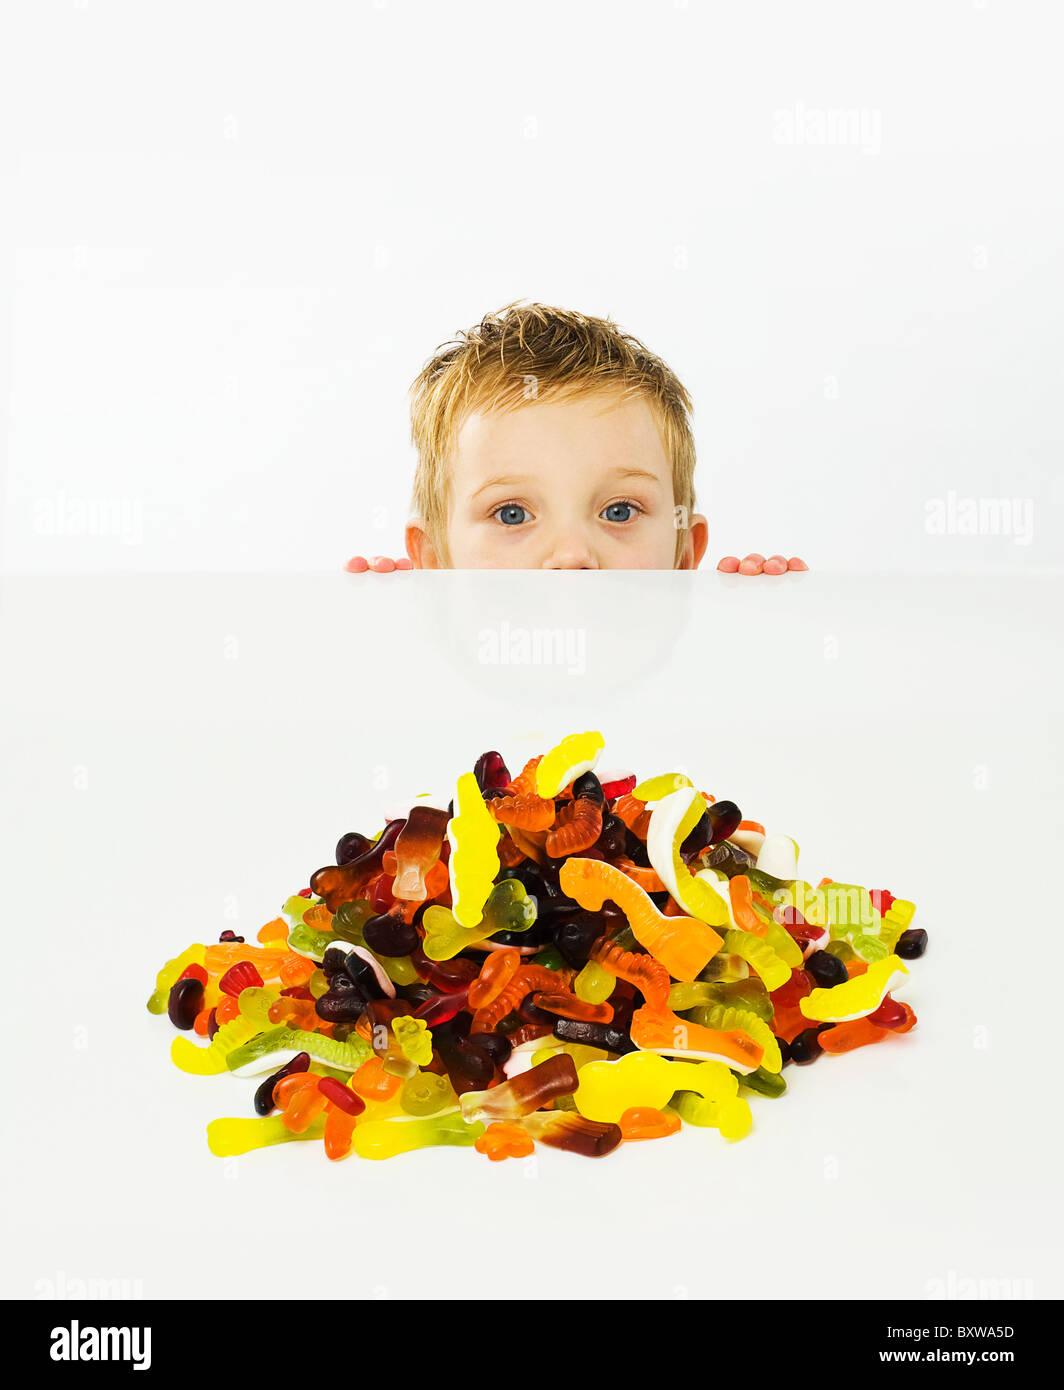 Bambino guardando i dolciumi Immagini Stock